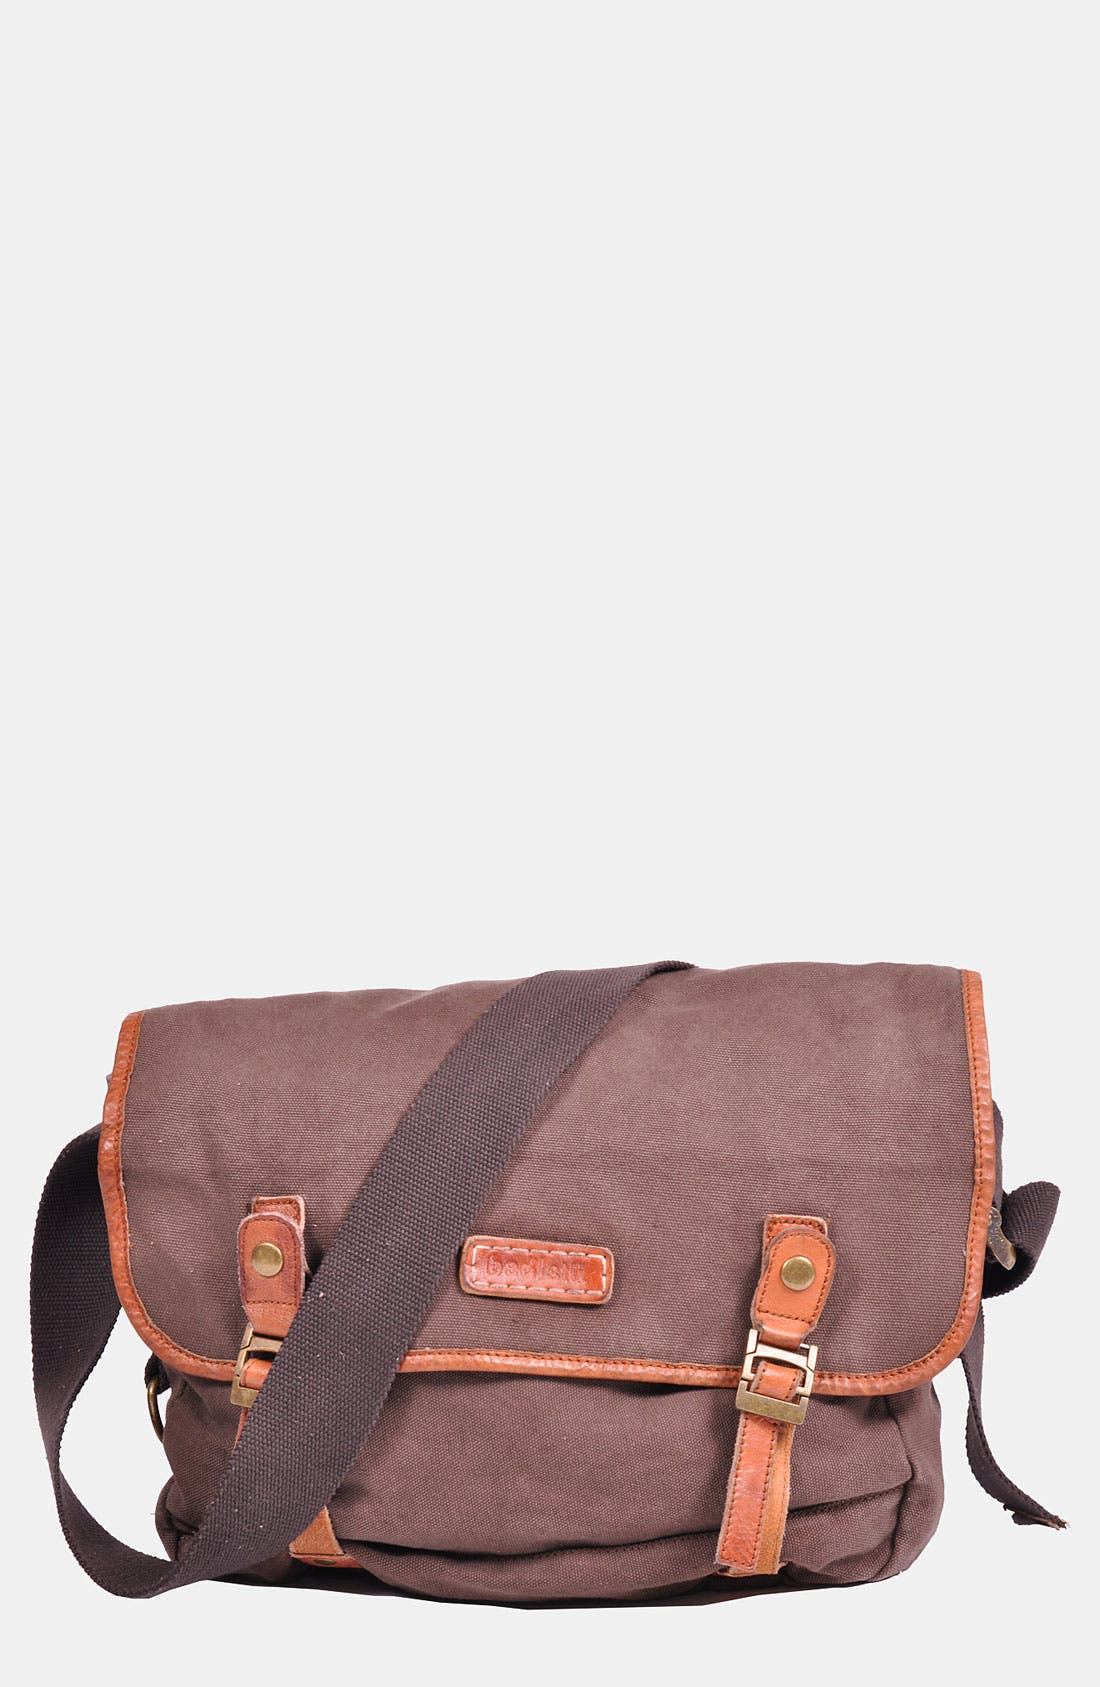 Alternate Image 1 Selected - Bed Stu 'Parker' Washed Canvas Messenger Bag